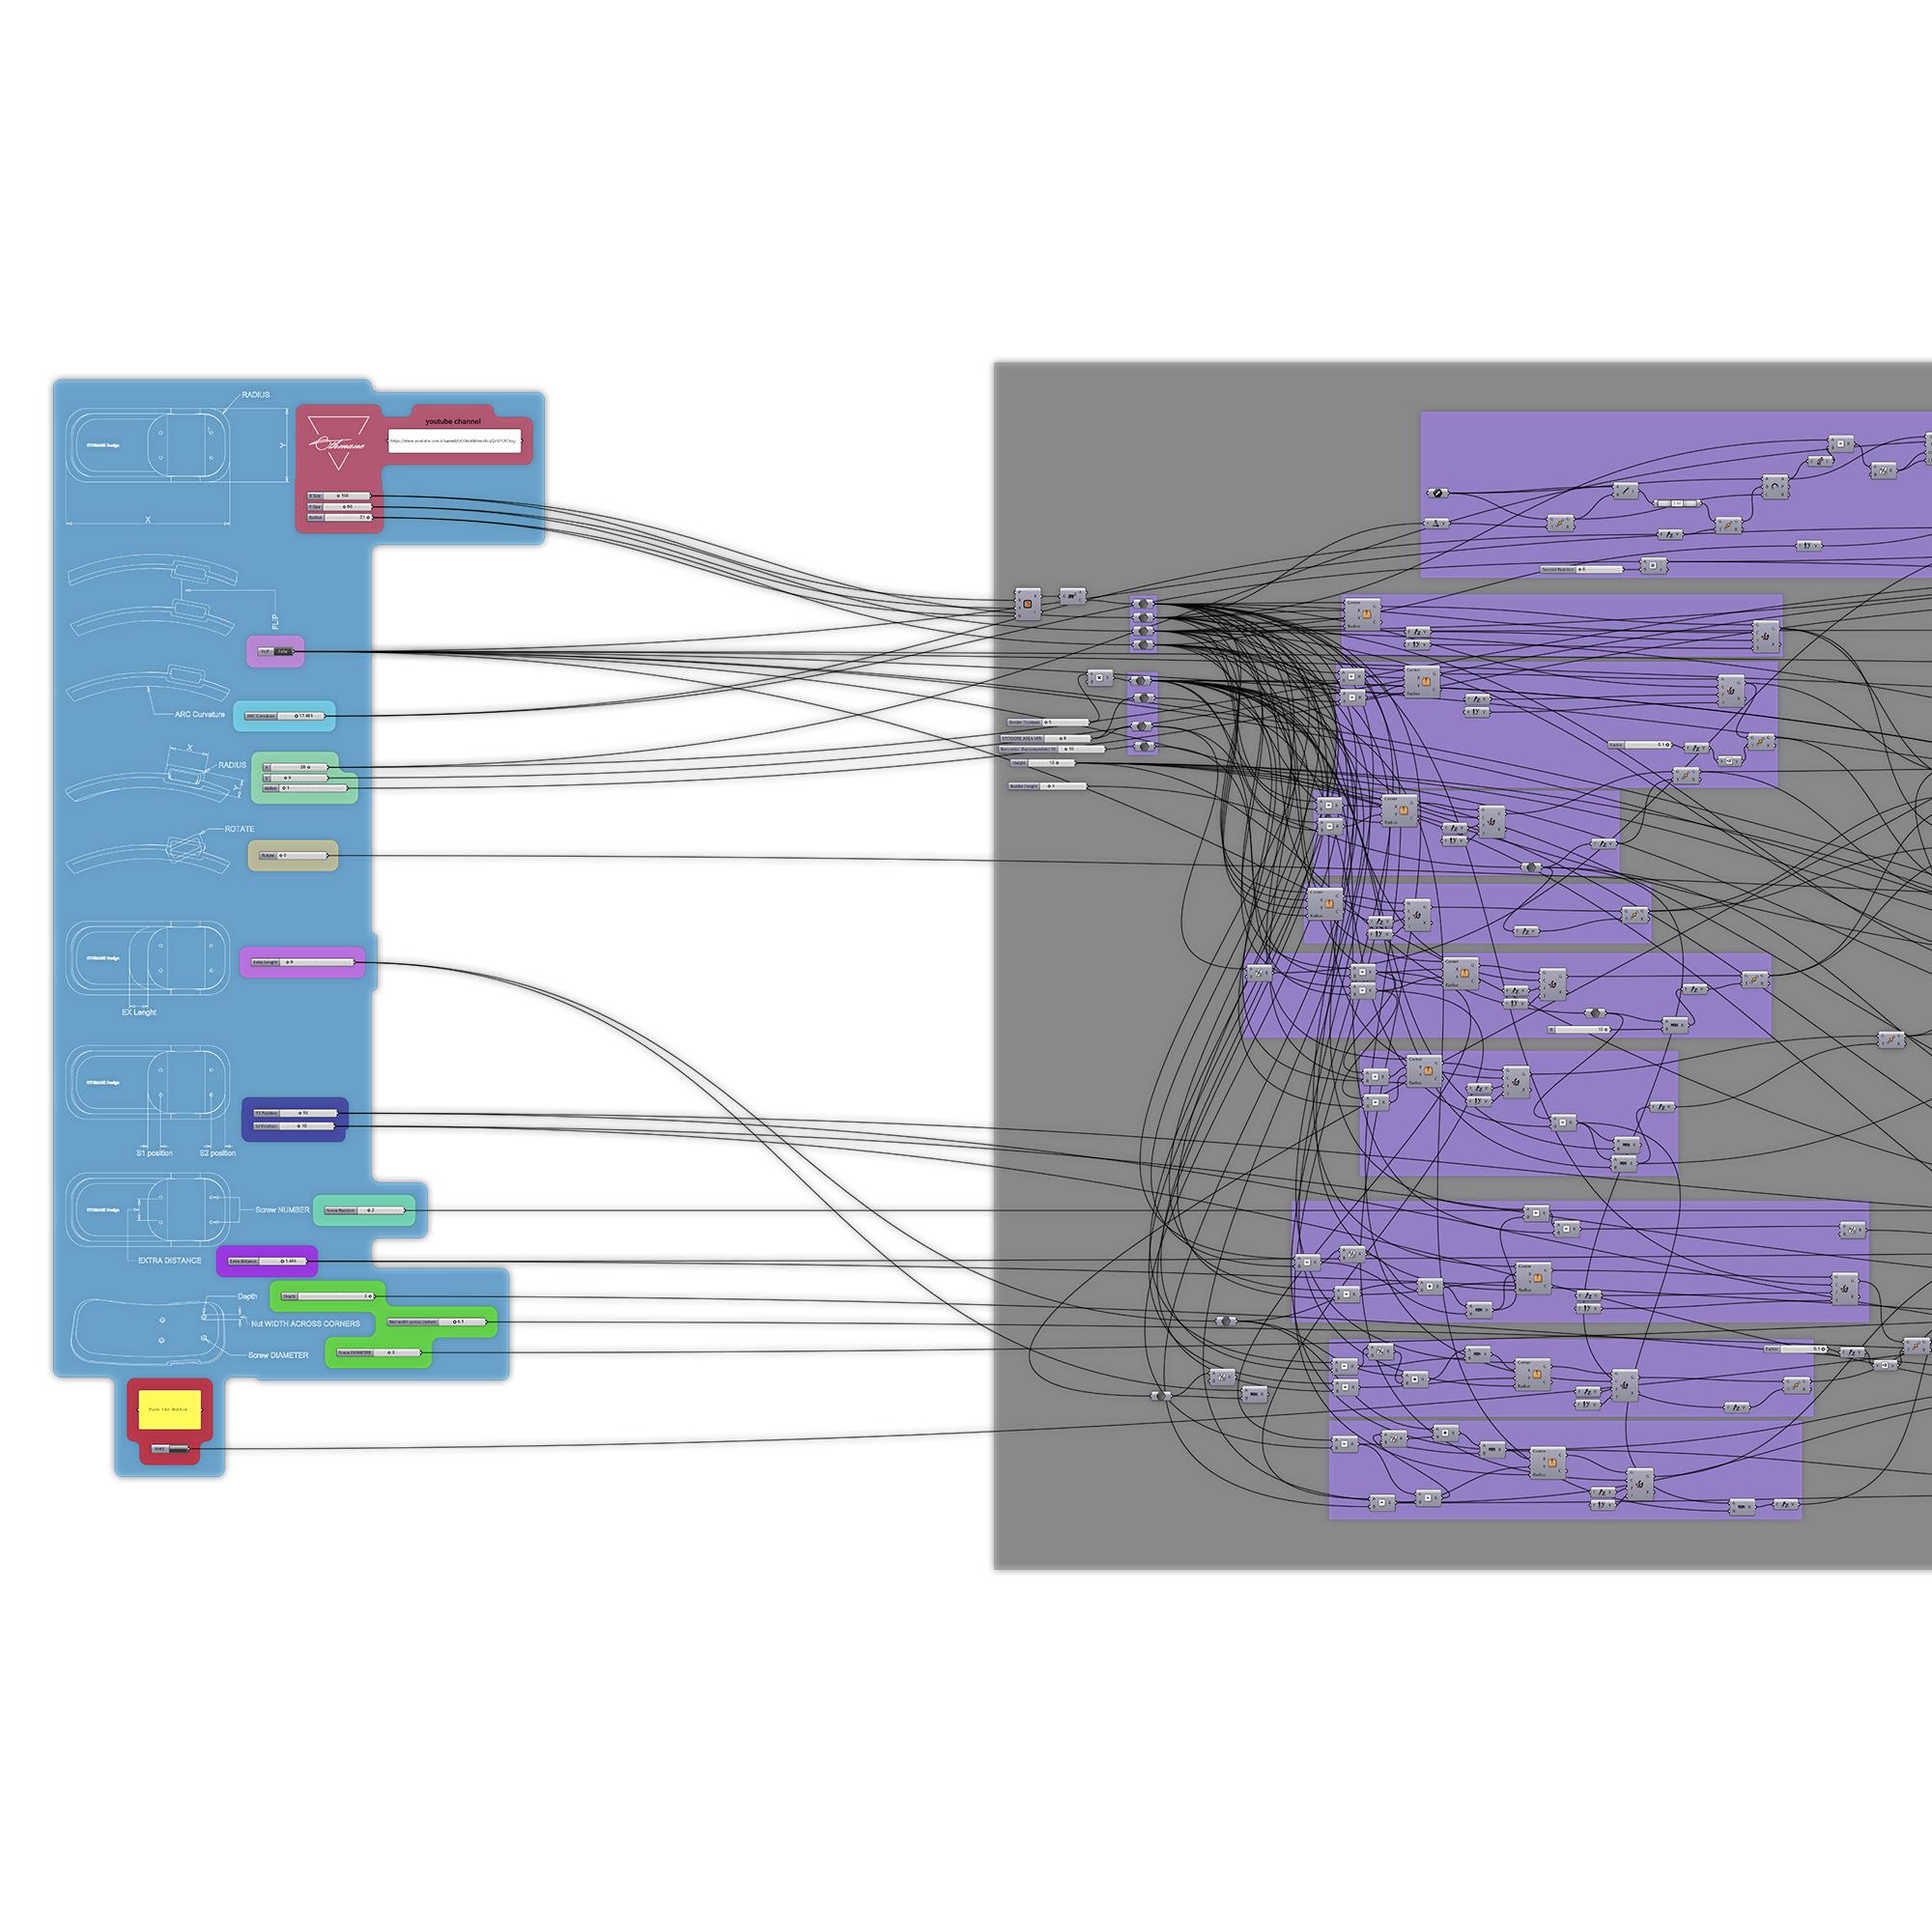 002.jpg Télécharger fichier STL gratuit 3DvsCOVID19 Sauterelles PARAMETRIQUES DOUANIERES Mains Libres Ouvre-portes imprimées 3D pour aider à lutter contre la propagation des coronavirus • Plan pour impression 3D, Othmane